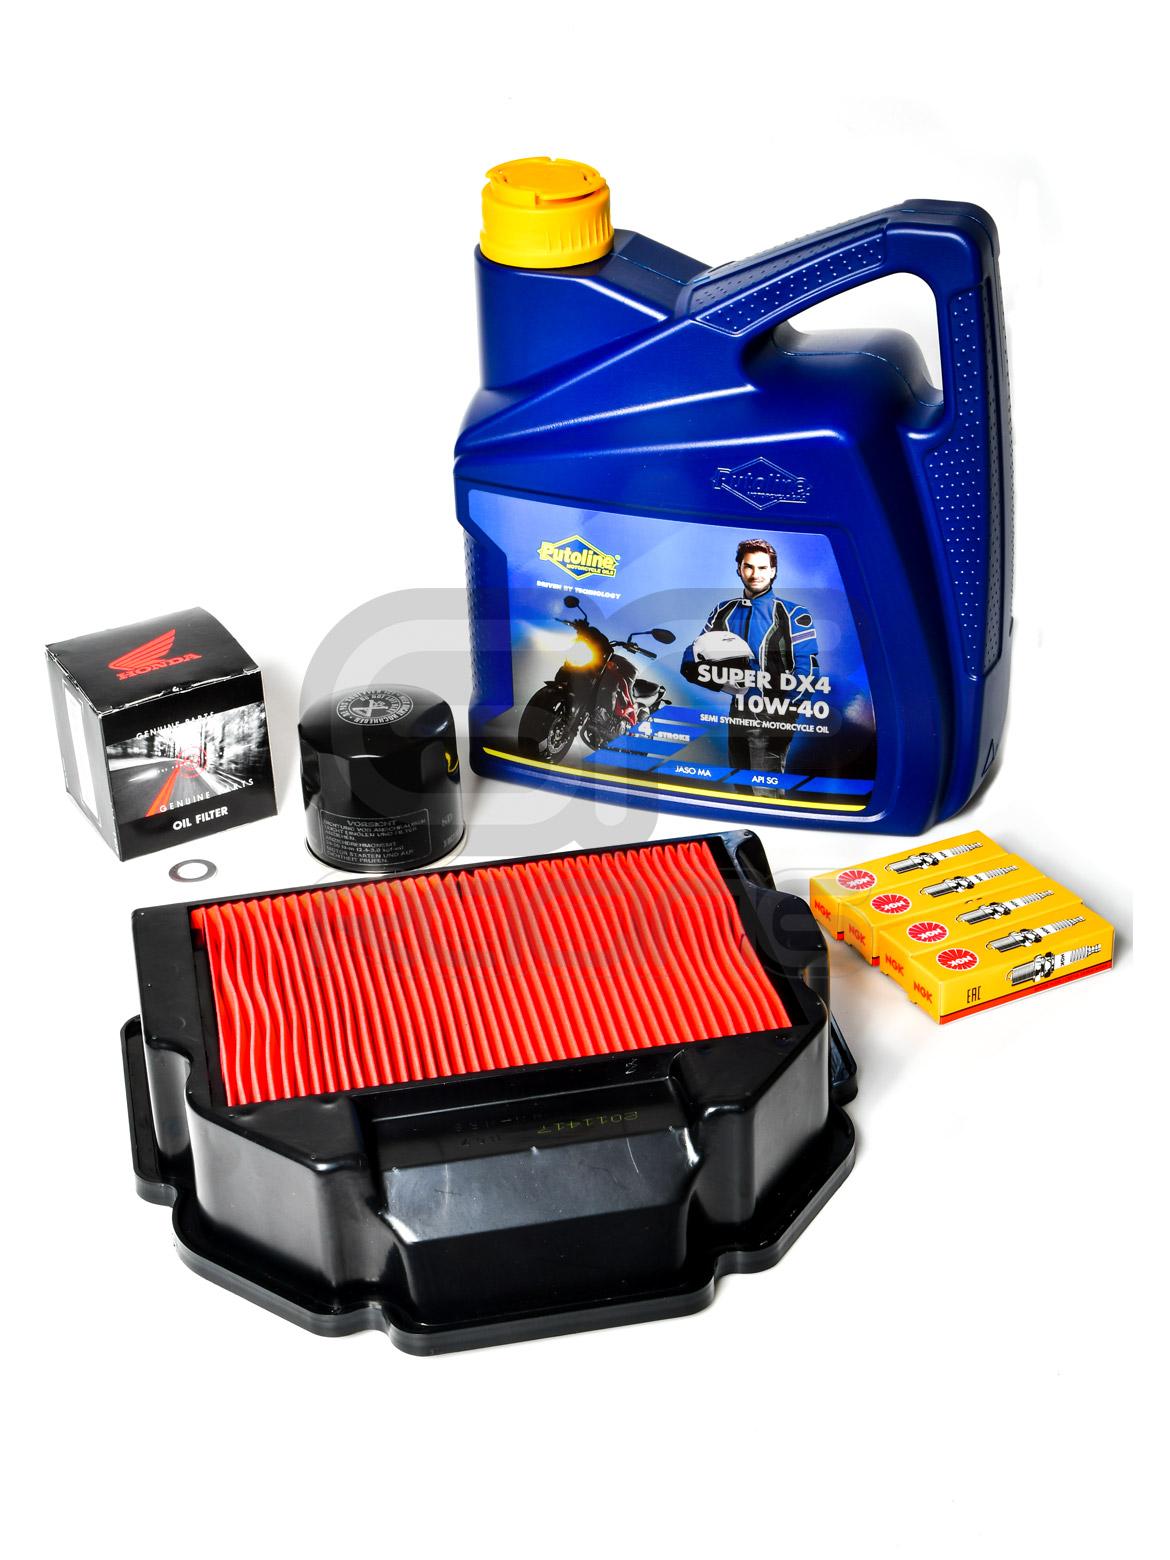 VFR400 NC30 RVF400 NC35 Service Kit